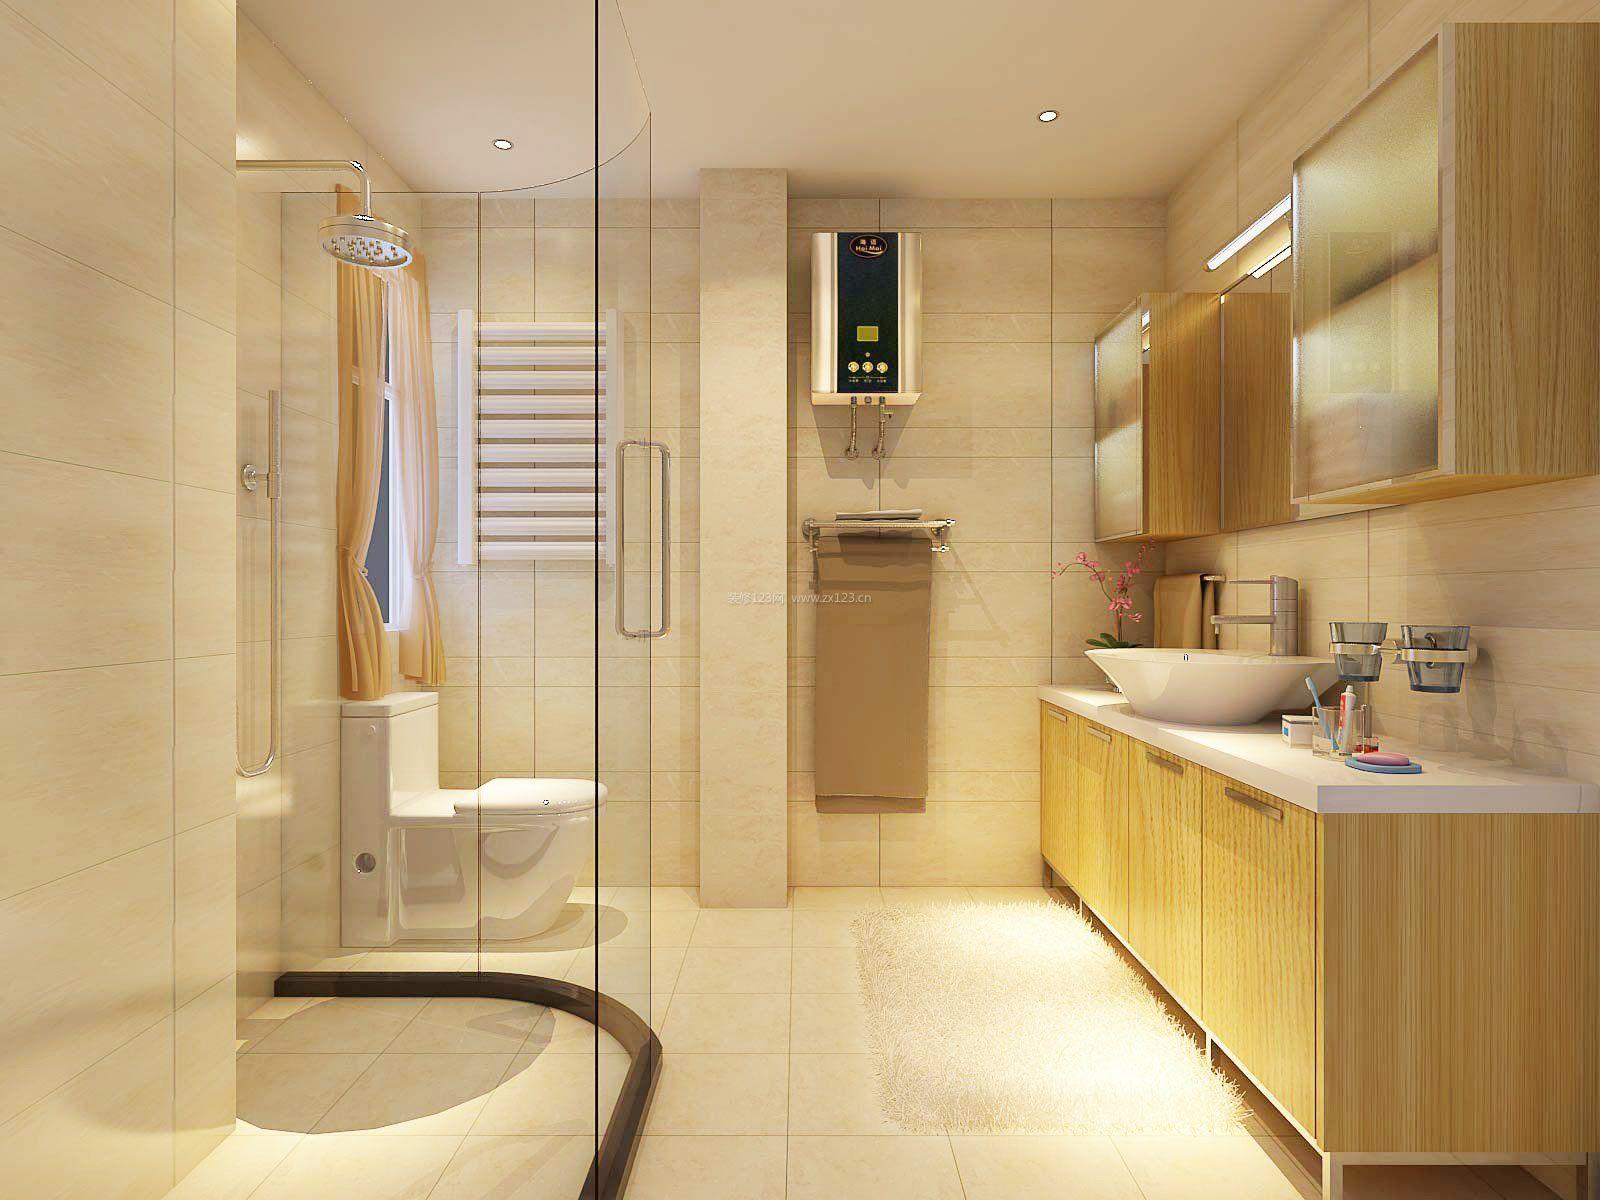 小户型卫浴室内浴室柜设计